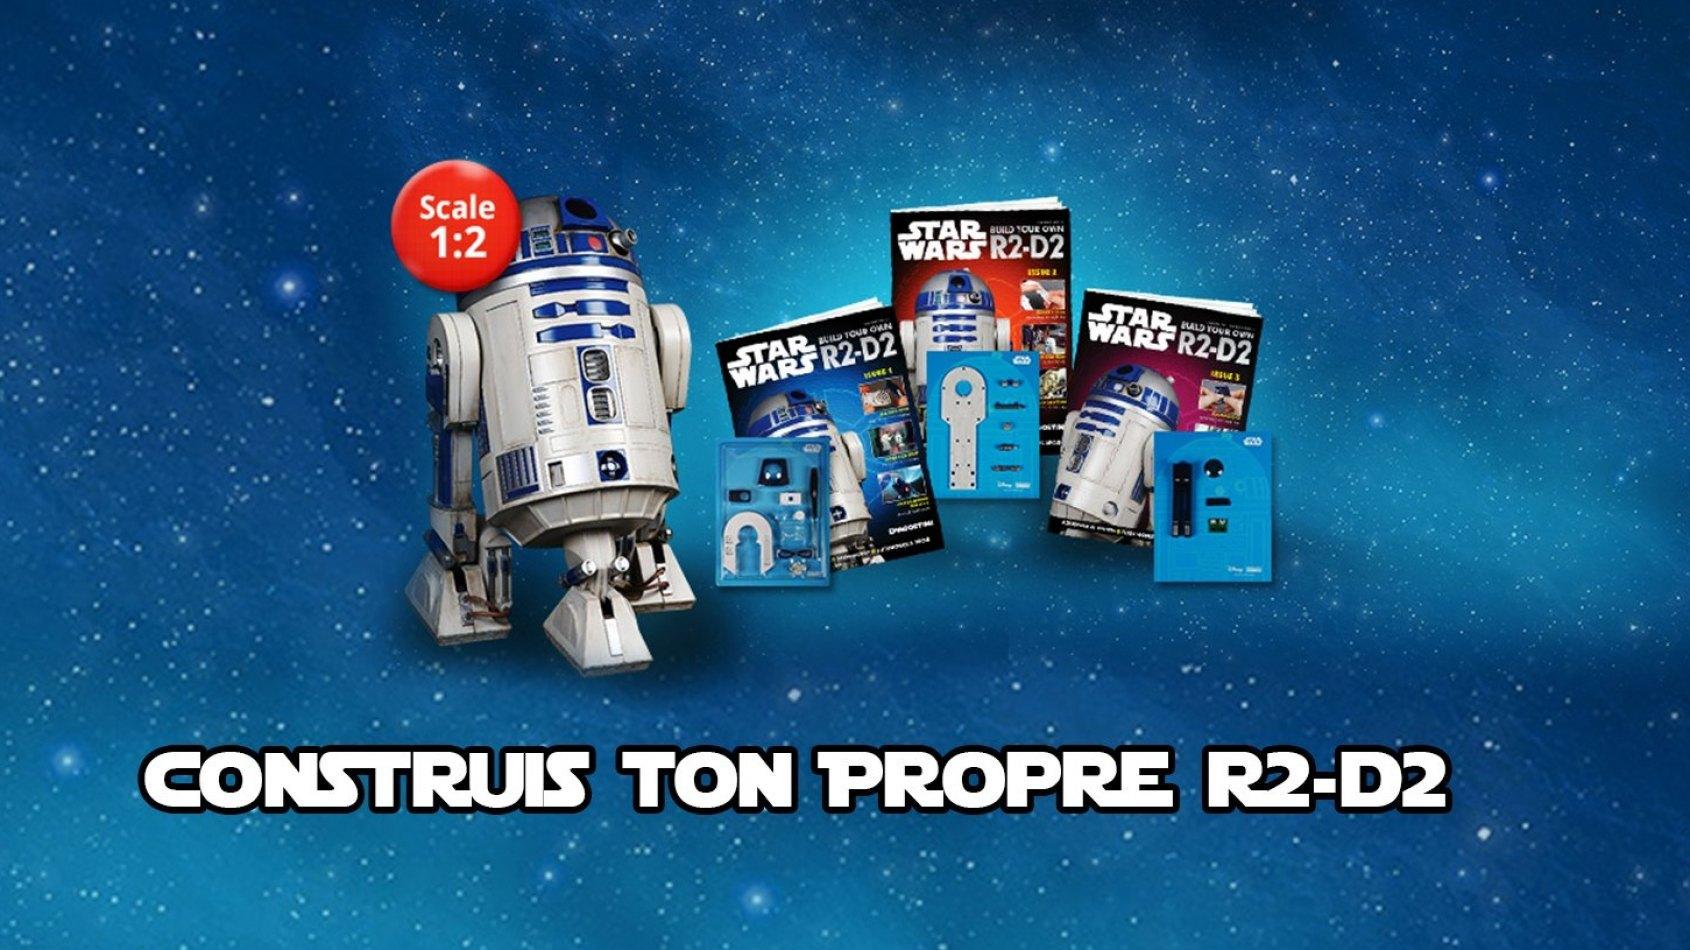 Construis ton propre R2-D2